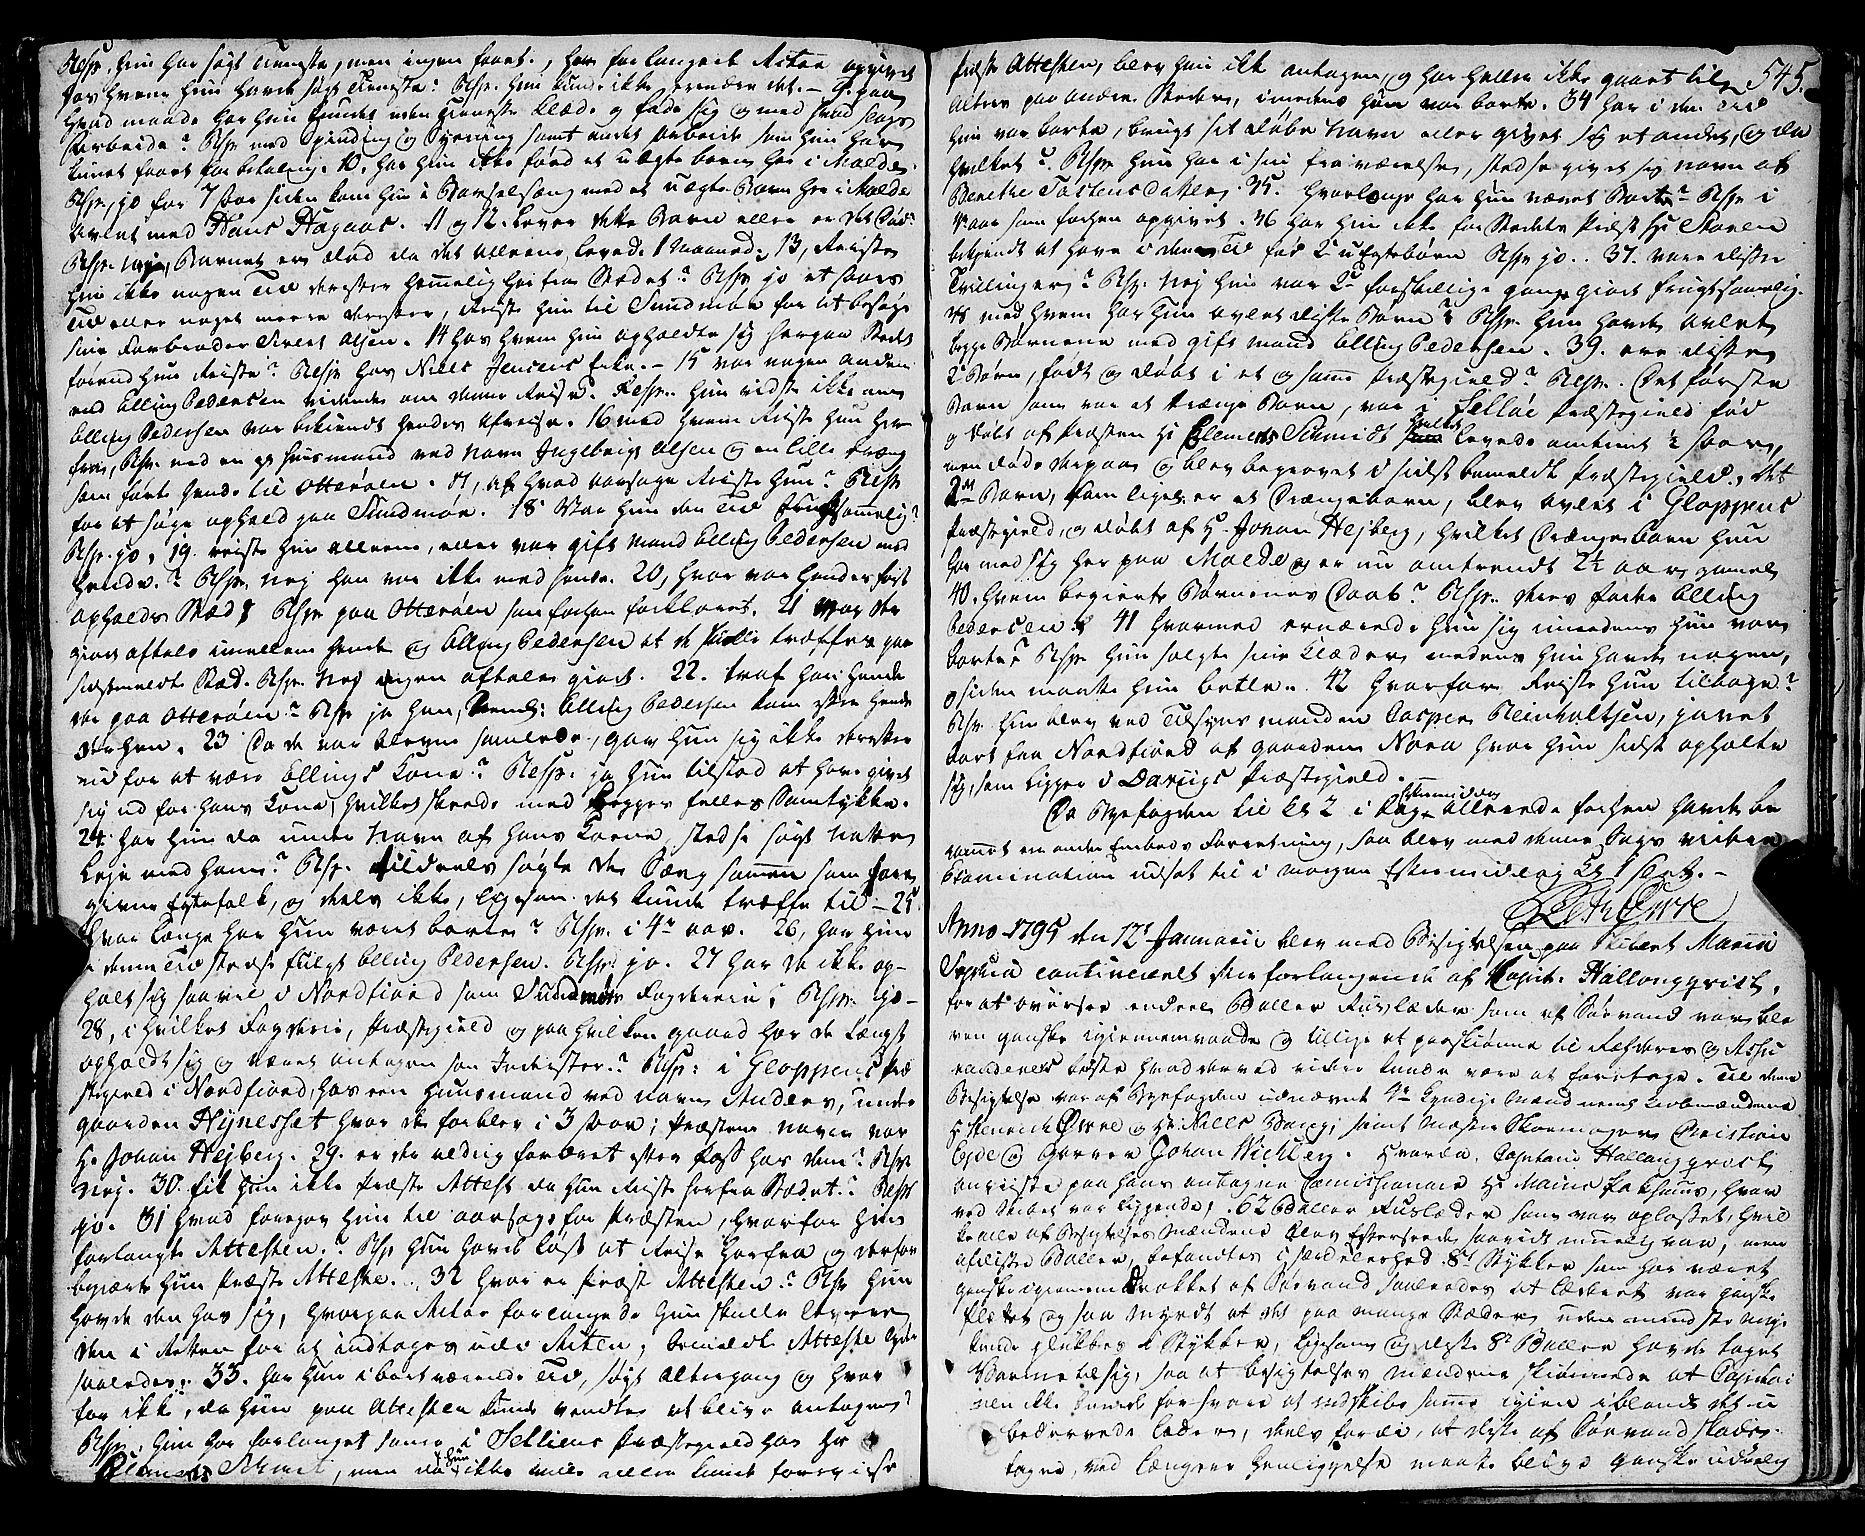 SAT, Molde byfogd, 1/1A/L0001: Justisprotokoll, 1764-1796, s. 546